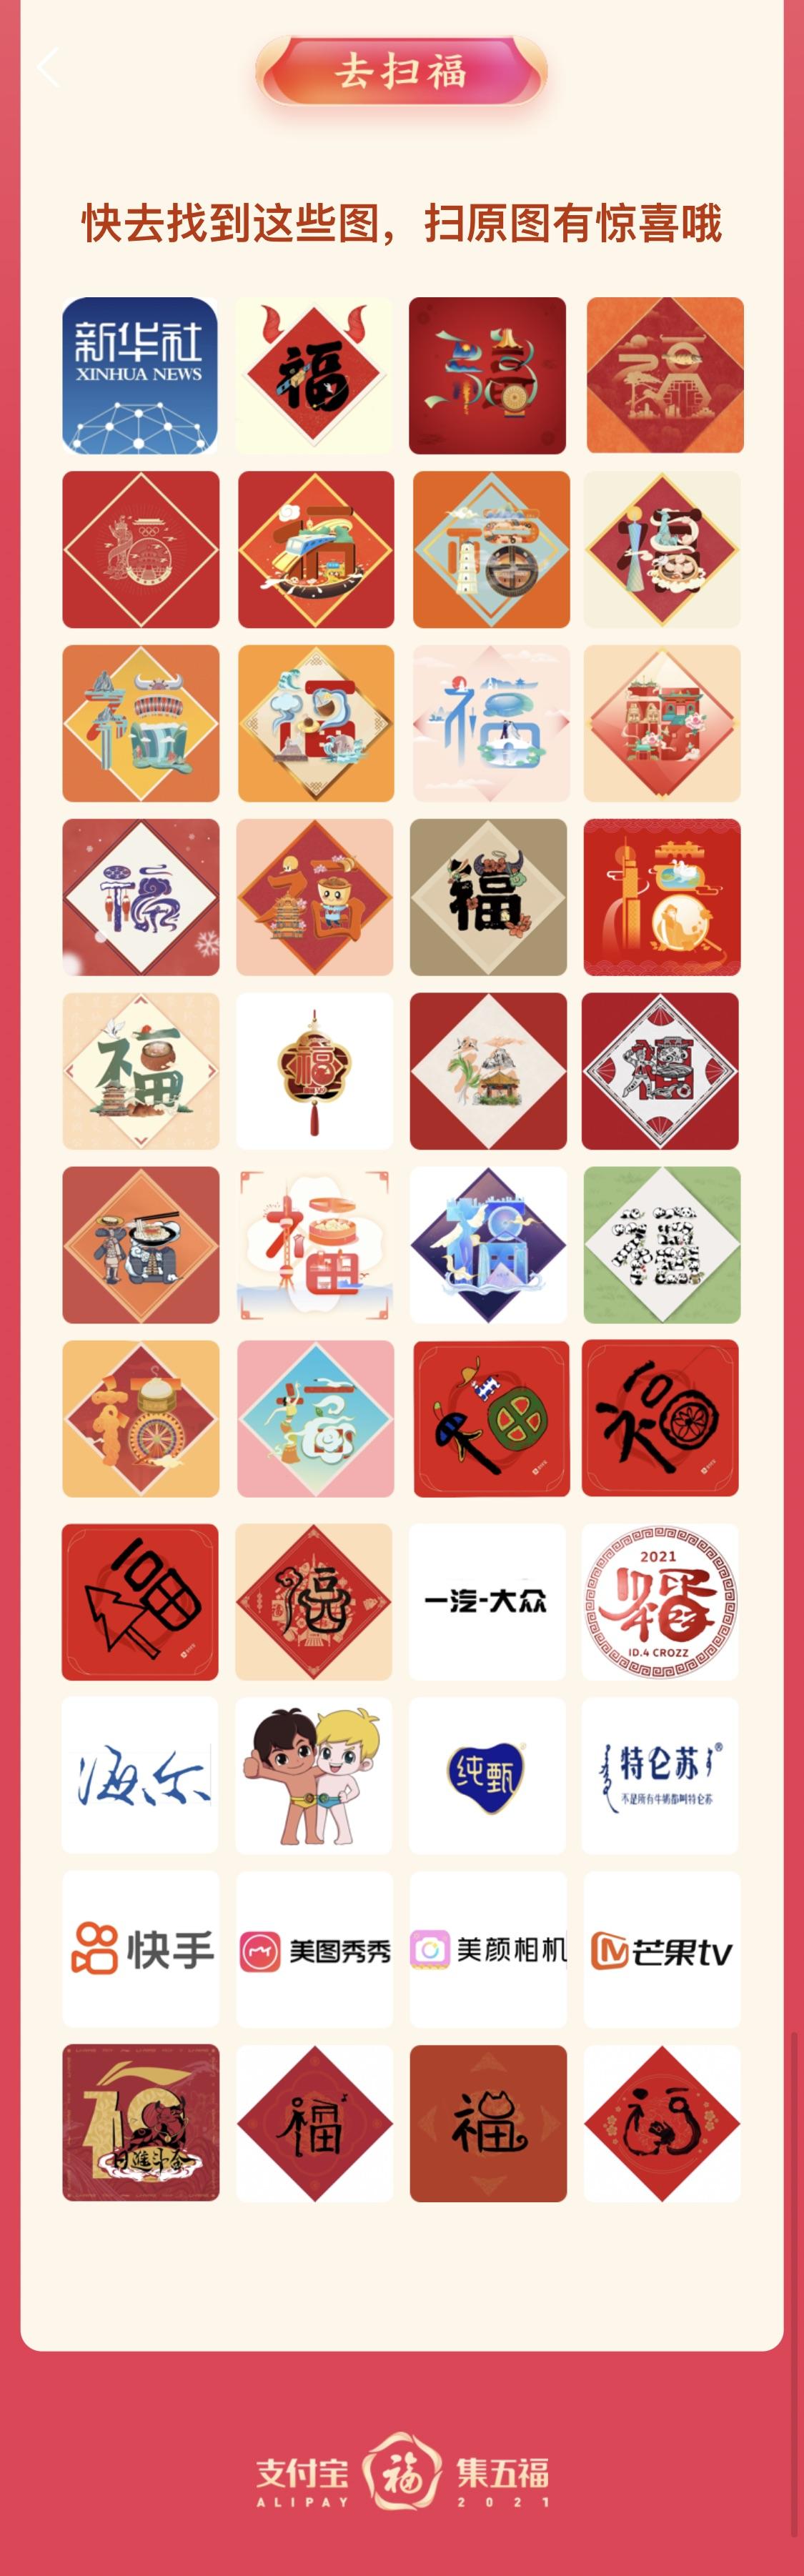 """【收藏】2021最全支付宝""""集五福""""攻略:万能福、沾福气、敬业福"""